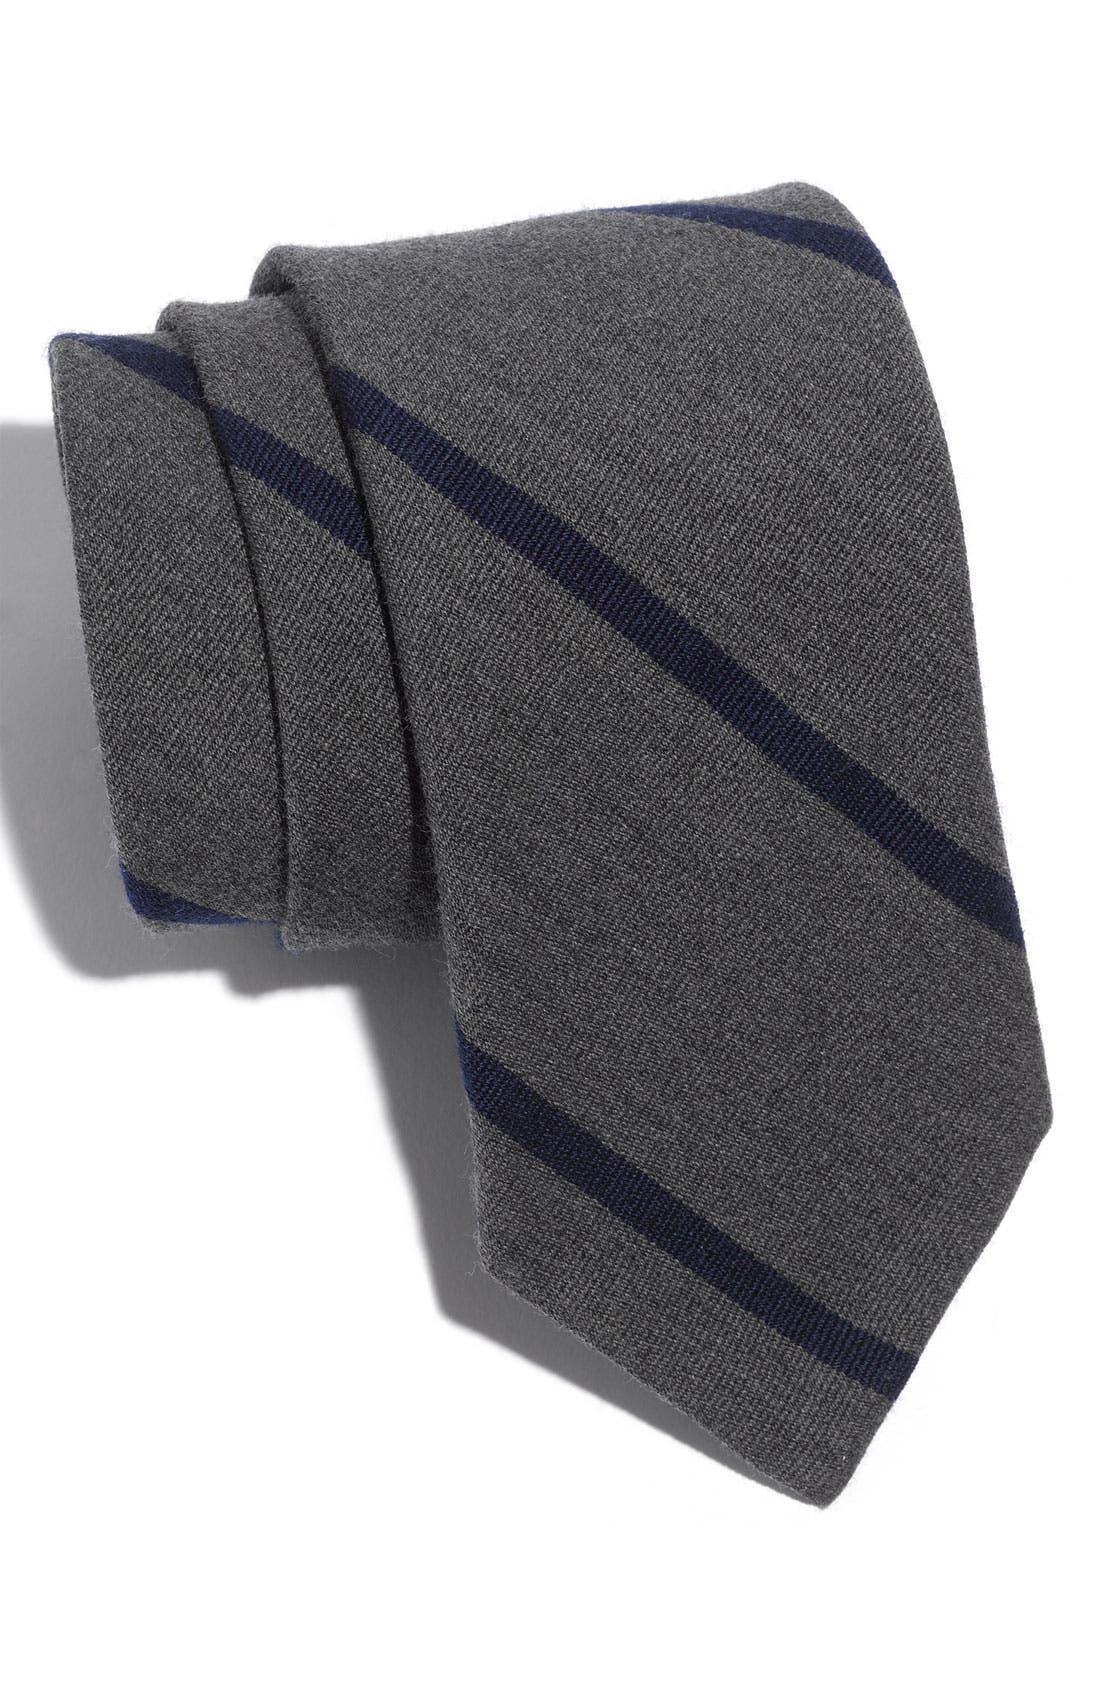 Main Image - Jack Spade Tie